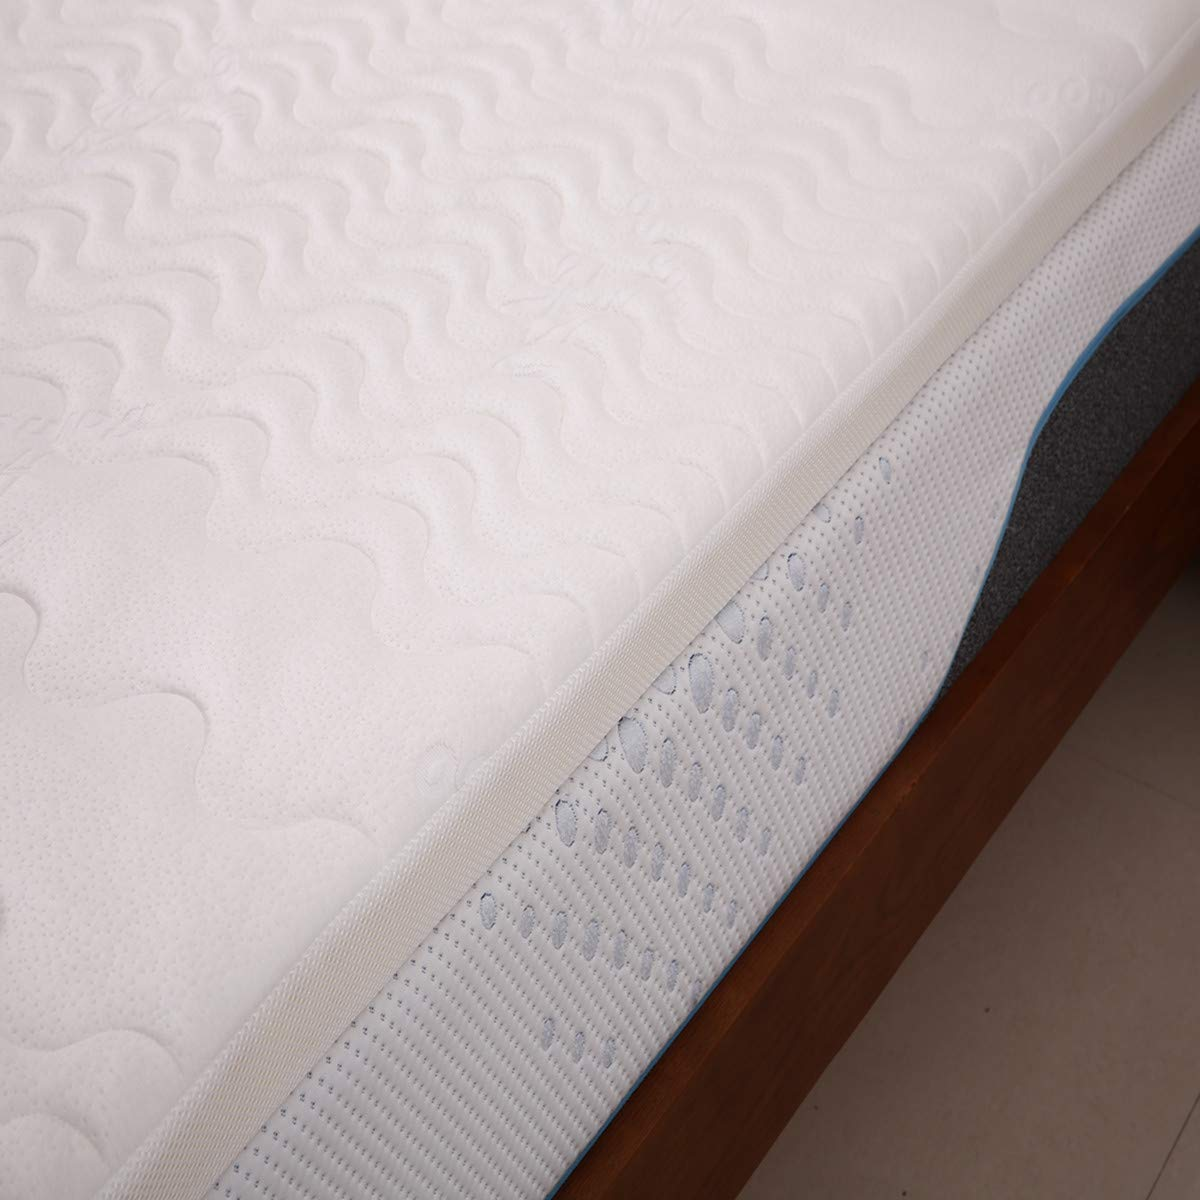 Cr Topper Colchón visco de Espuma con Efecto Memoria 180 x 190 x 6cm Núcleo ca.5cm Viscoelastico 7 Zonas Funda Hipoalergénica Lavable Extraíble: Amazon.es: ...